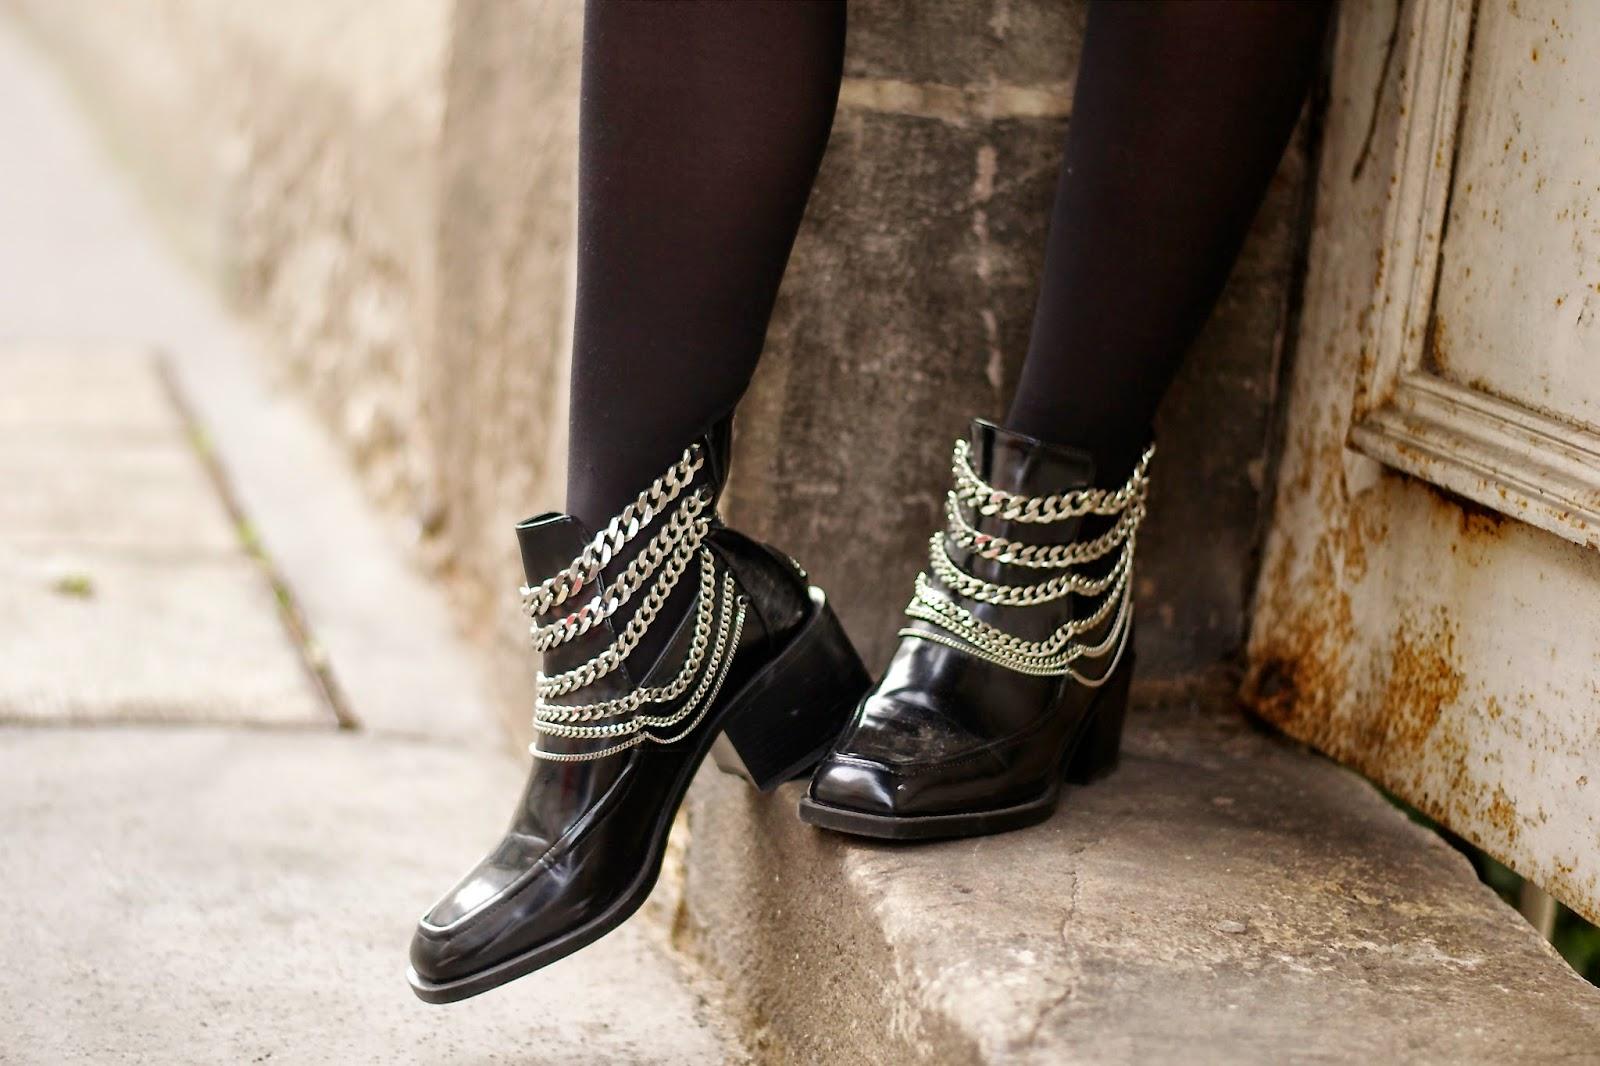 香奈儿风格的靴子